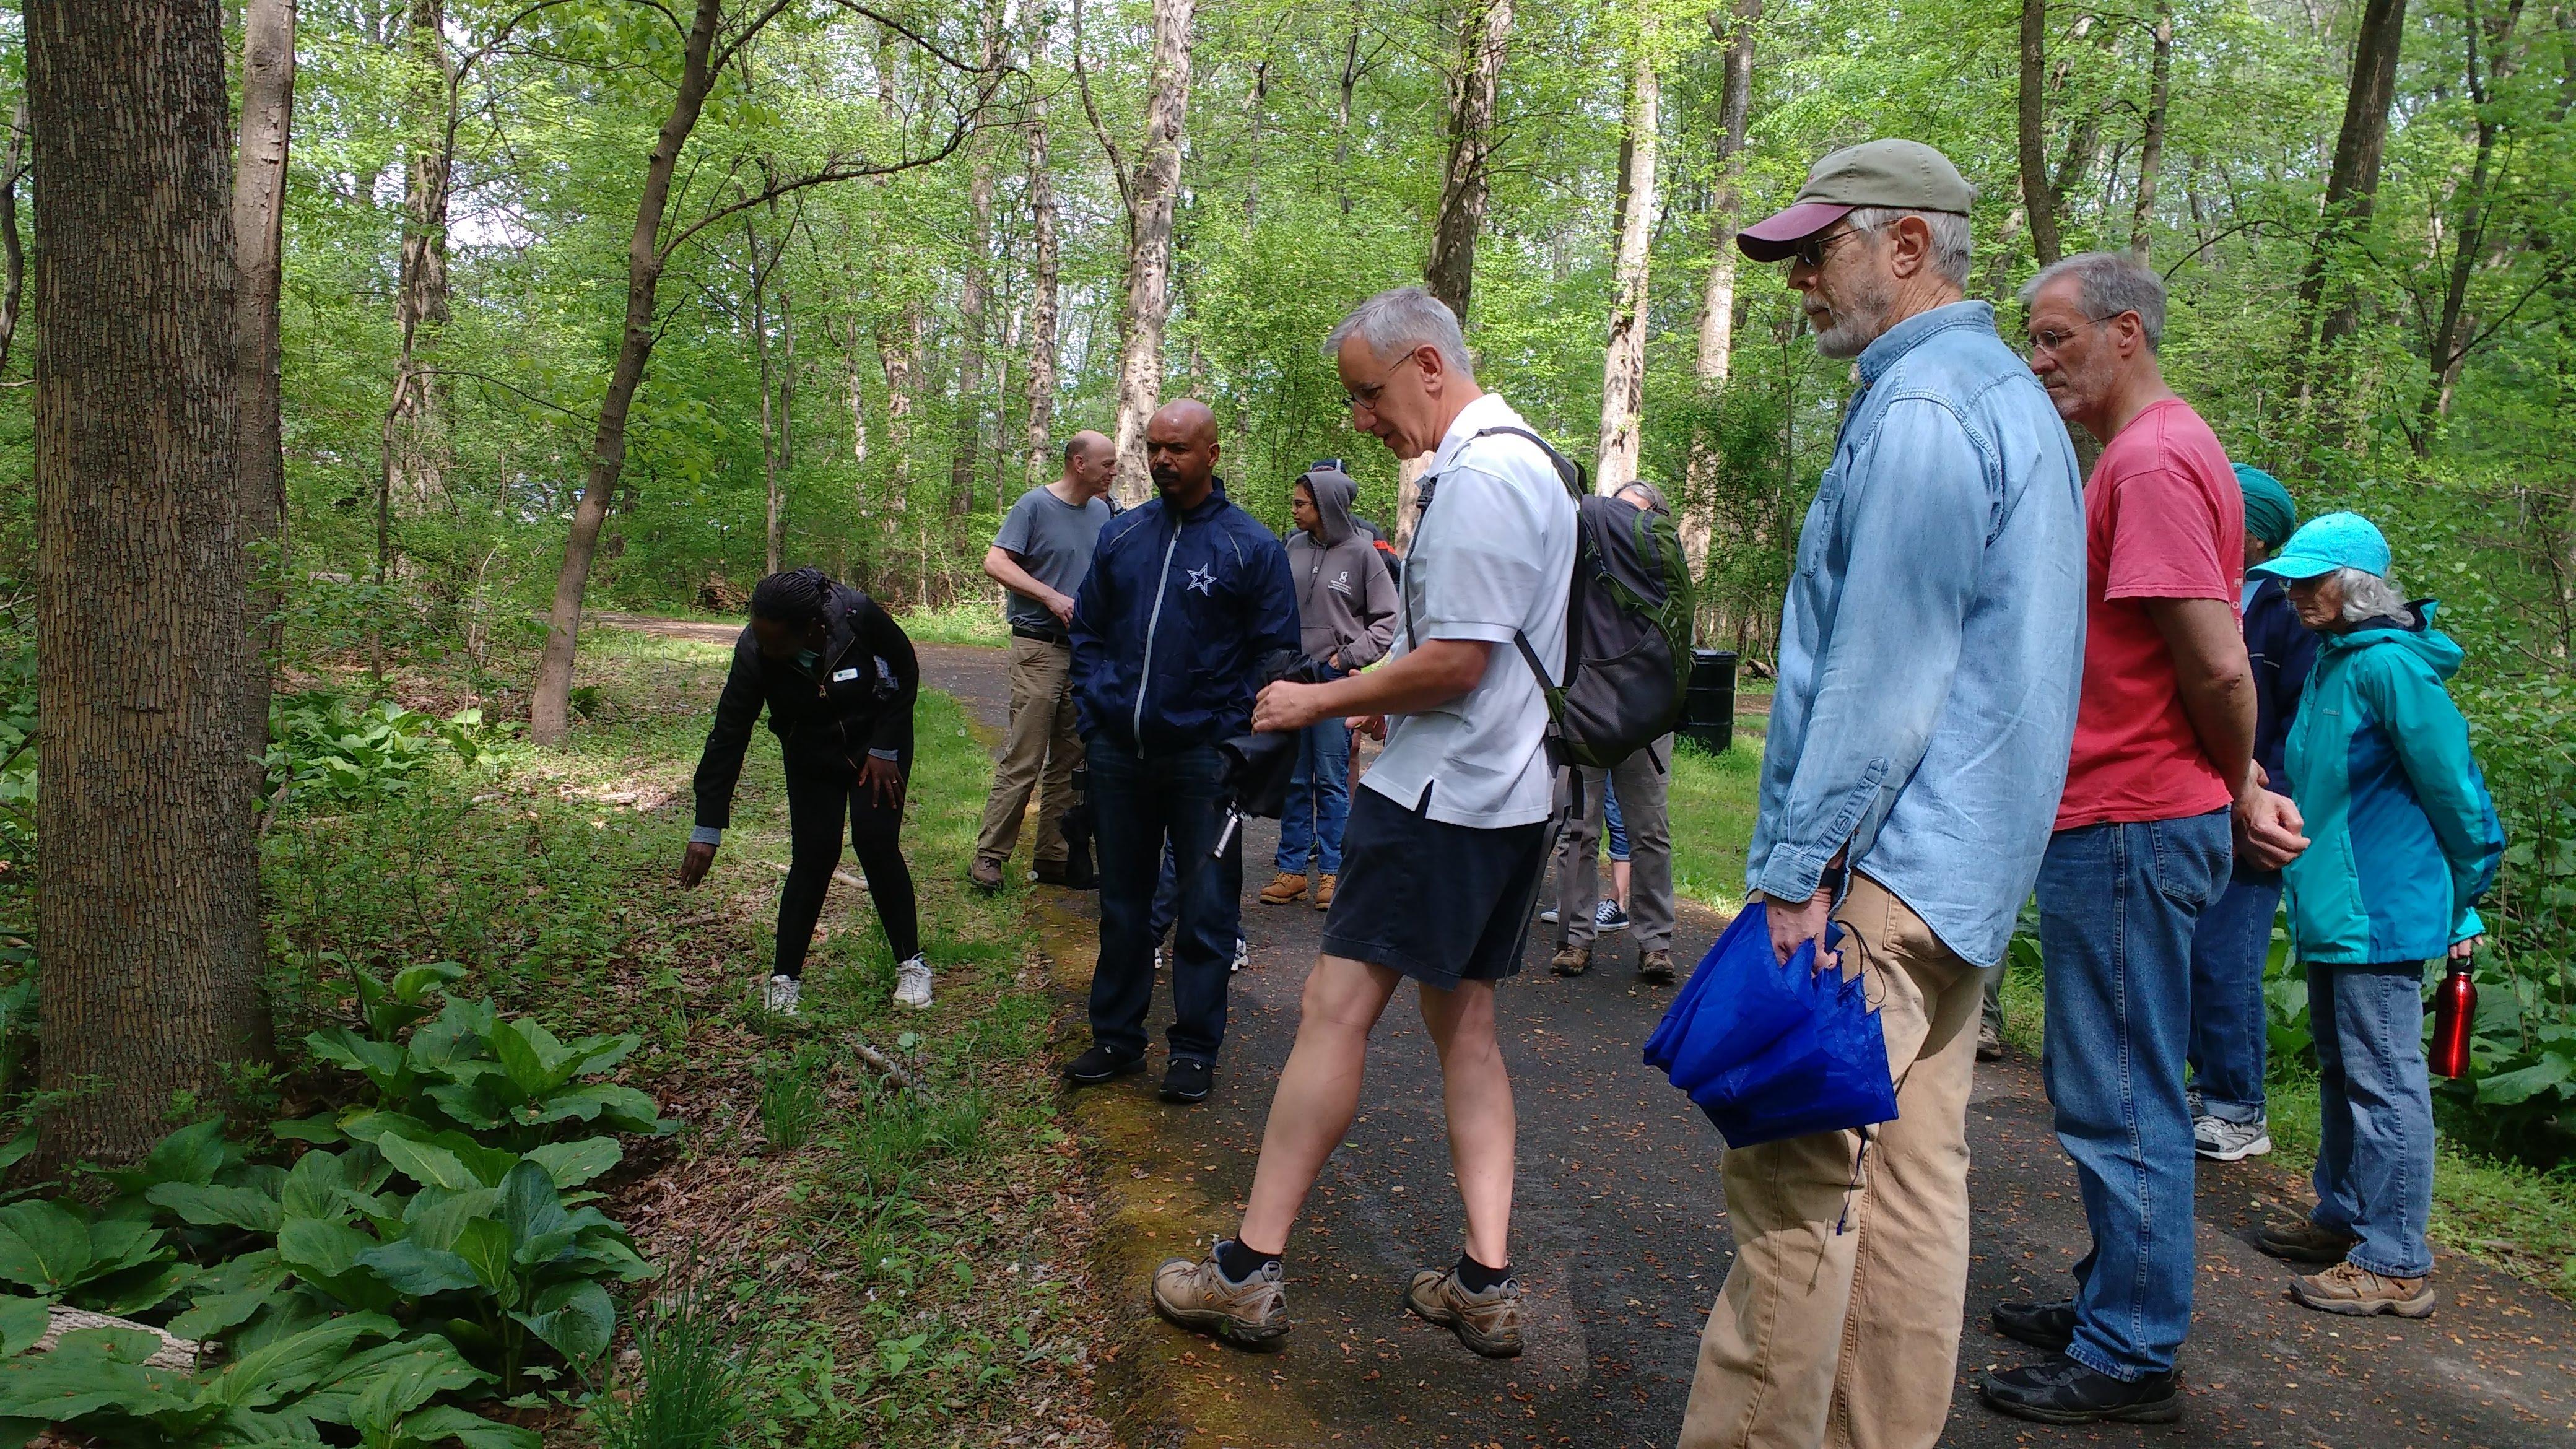 Gaithersburg_Nature_Walk_photo.jpg